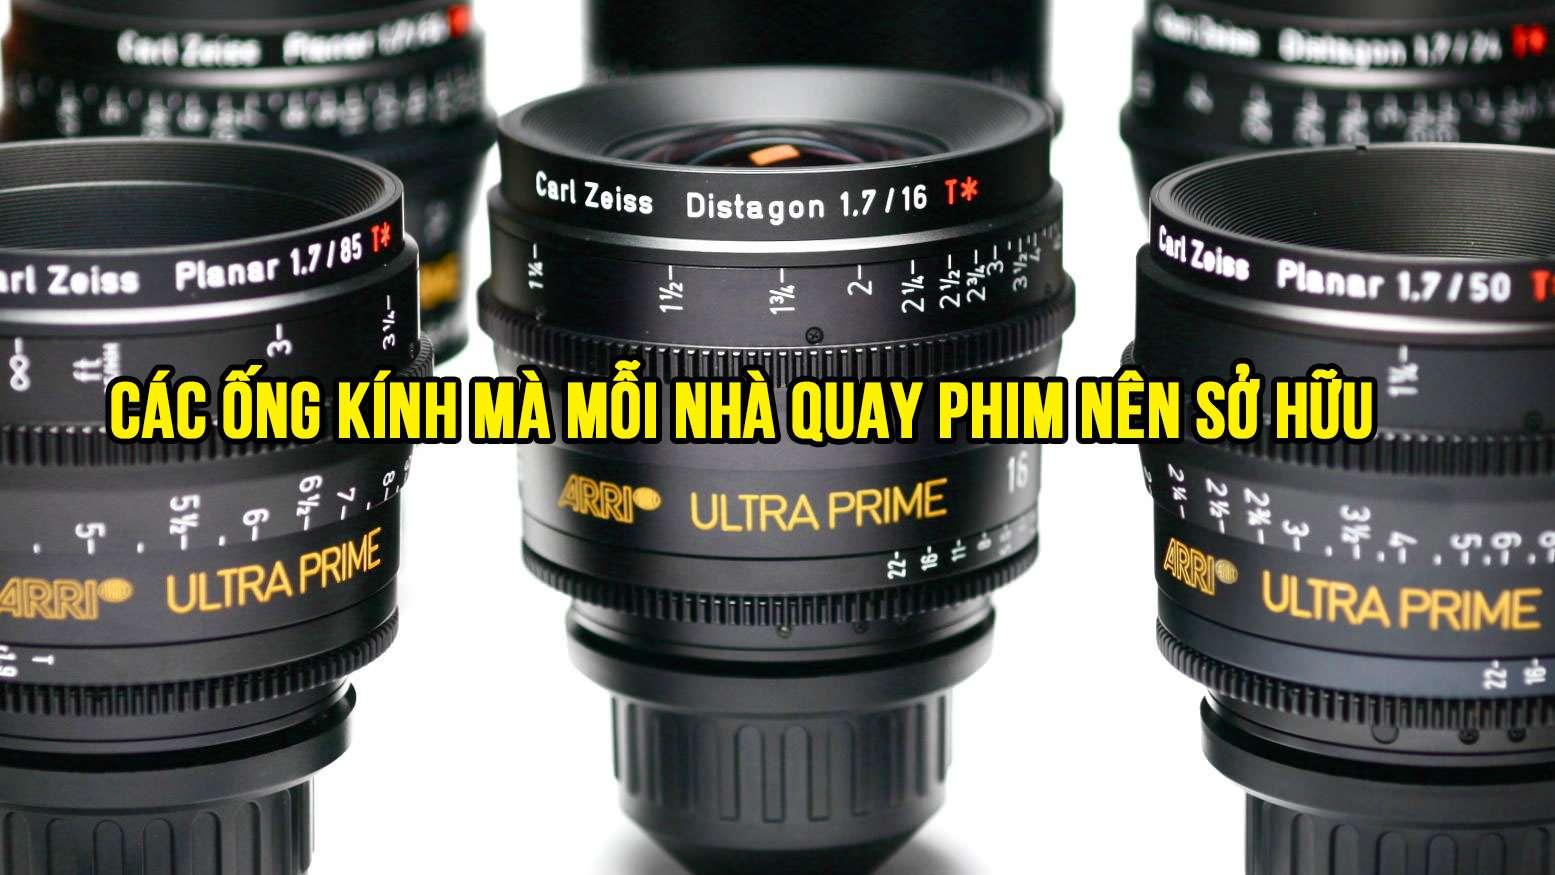 Các ống kính mà mỗi nhà quay phim nên sở hữu